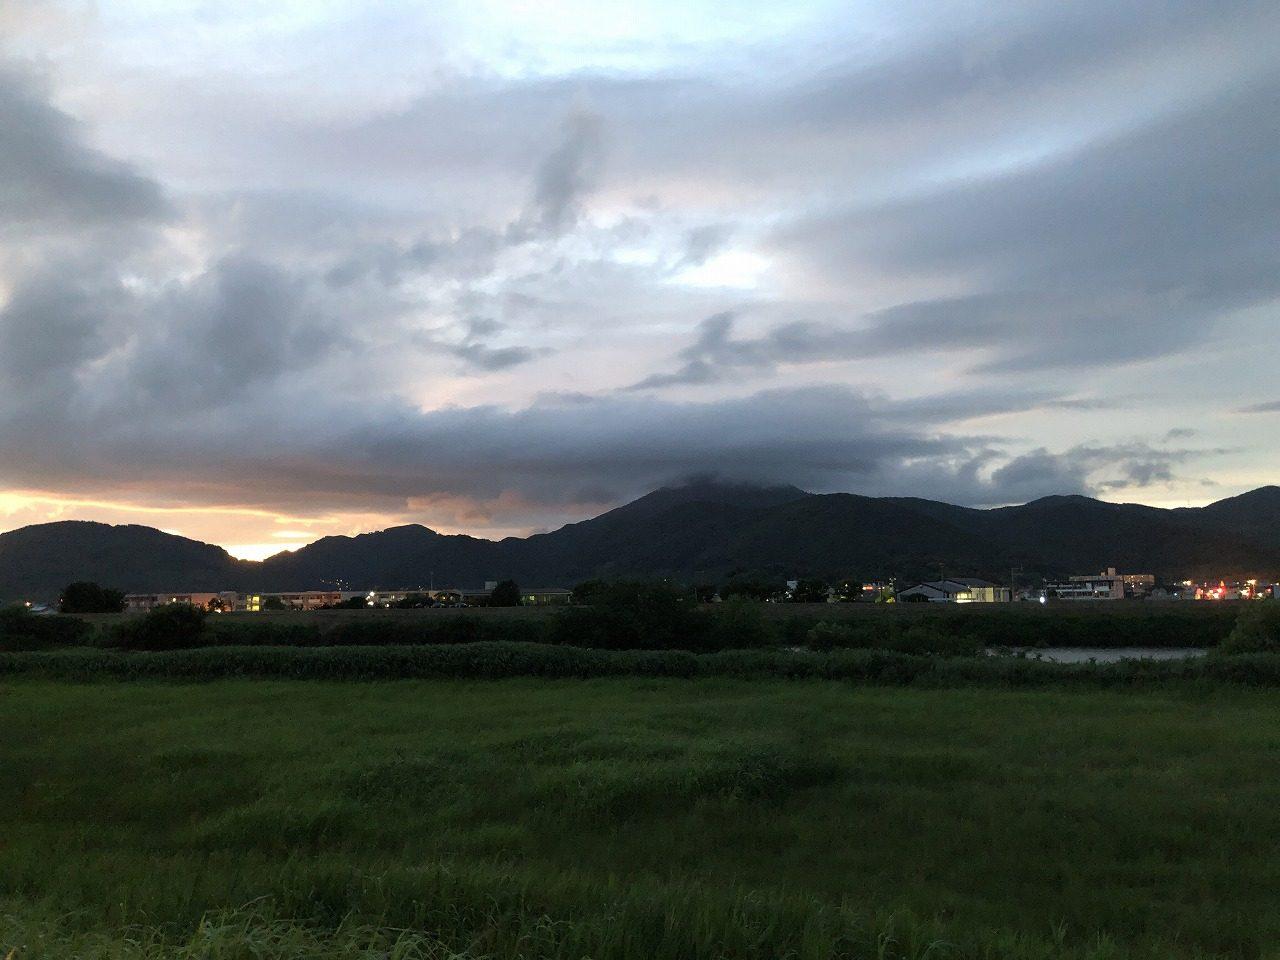 2019.6.27夜の金峰山です!